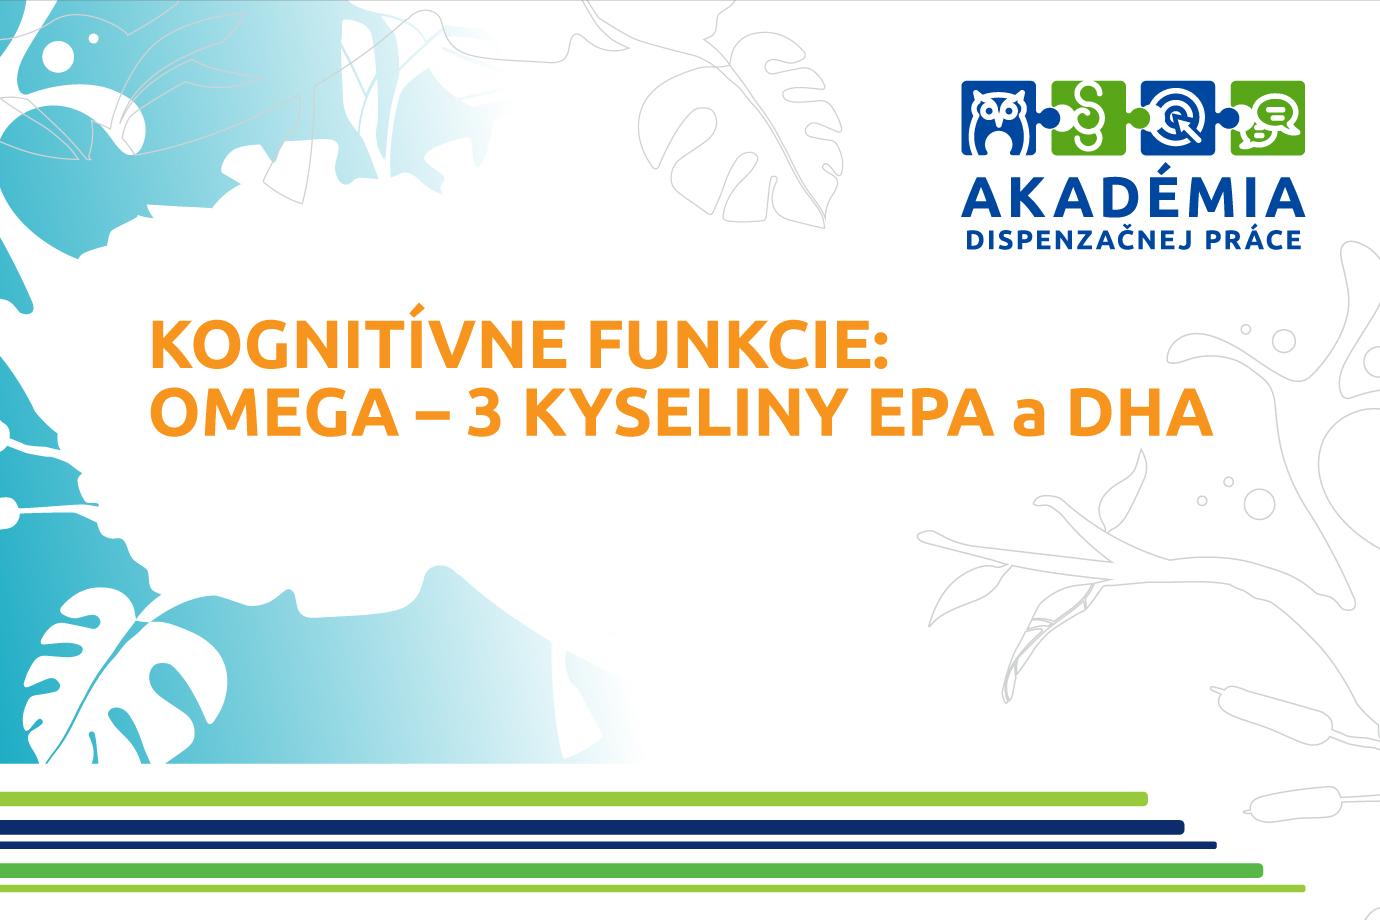 AKADÉMIA DISPENZAČNEJ PRÁCE – Kognitívne funkcie: Omega – 3 kyseliny EPA a DHA